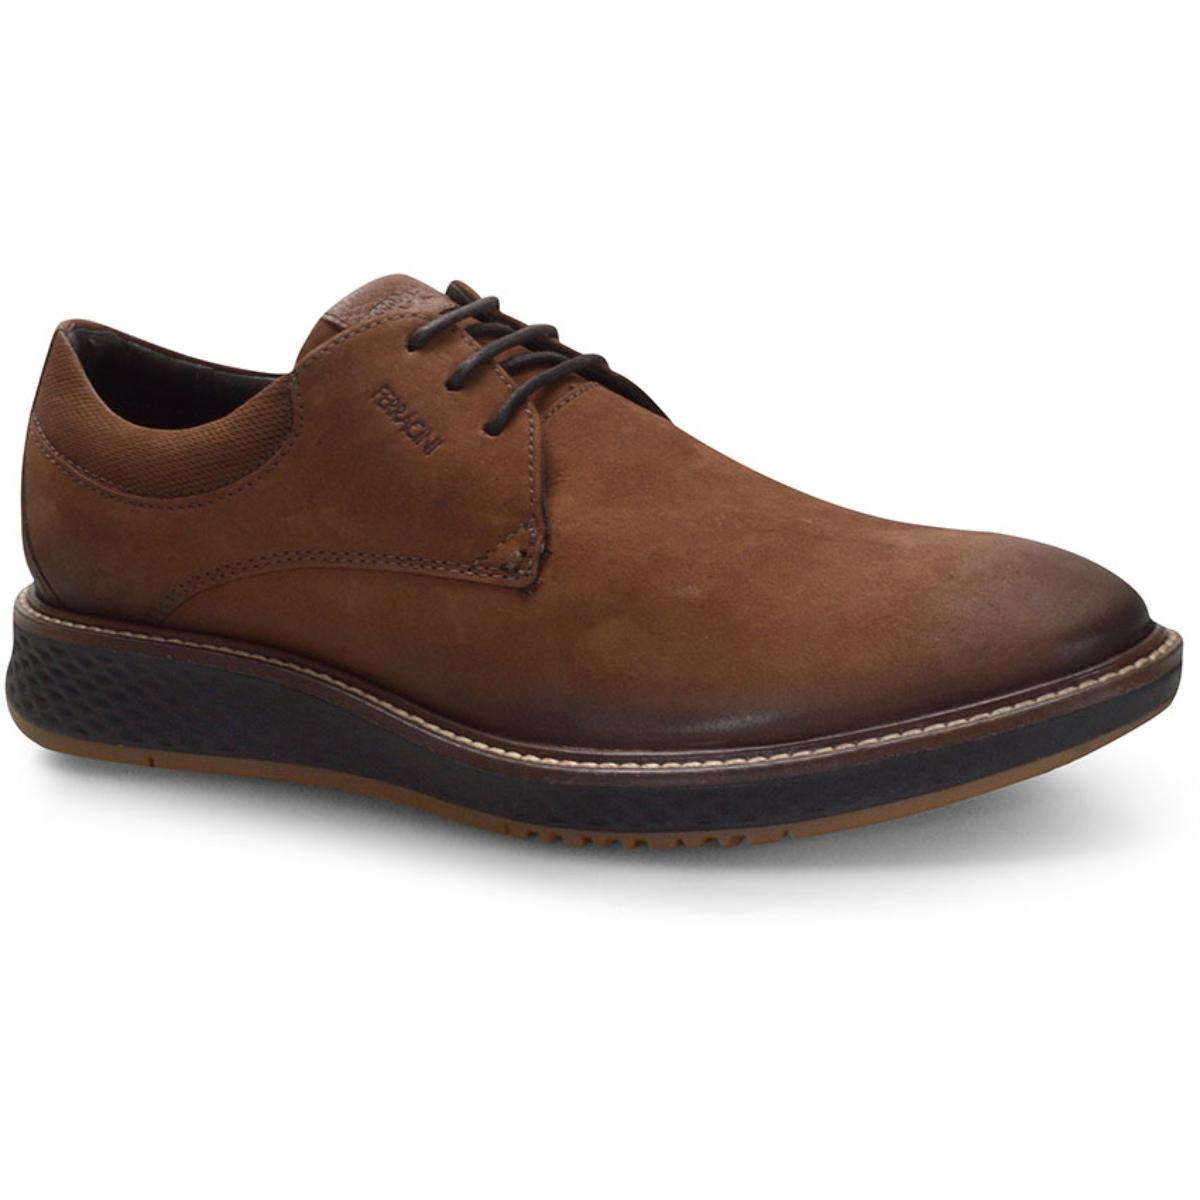 Sapato Masculino Ferracini 3301-586h Chocolate